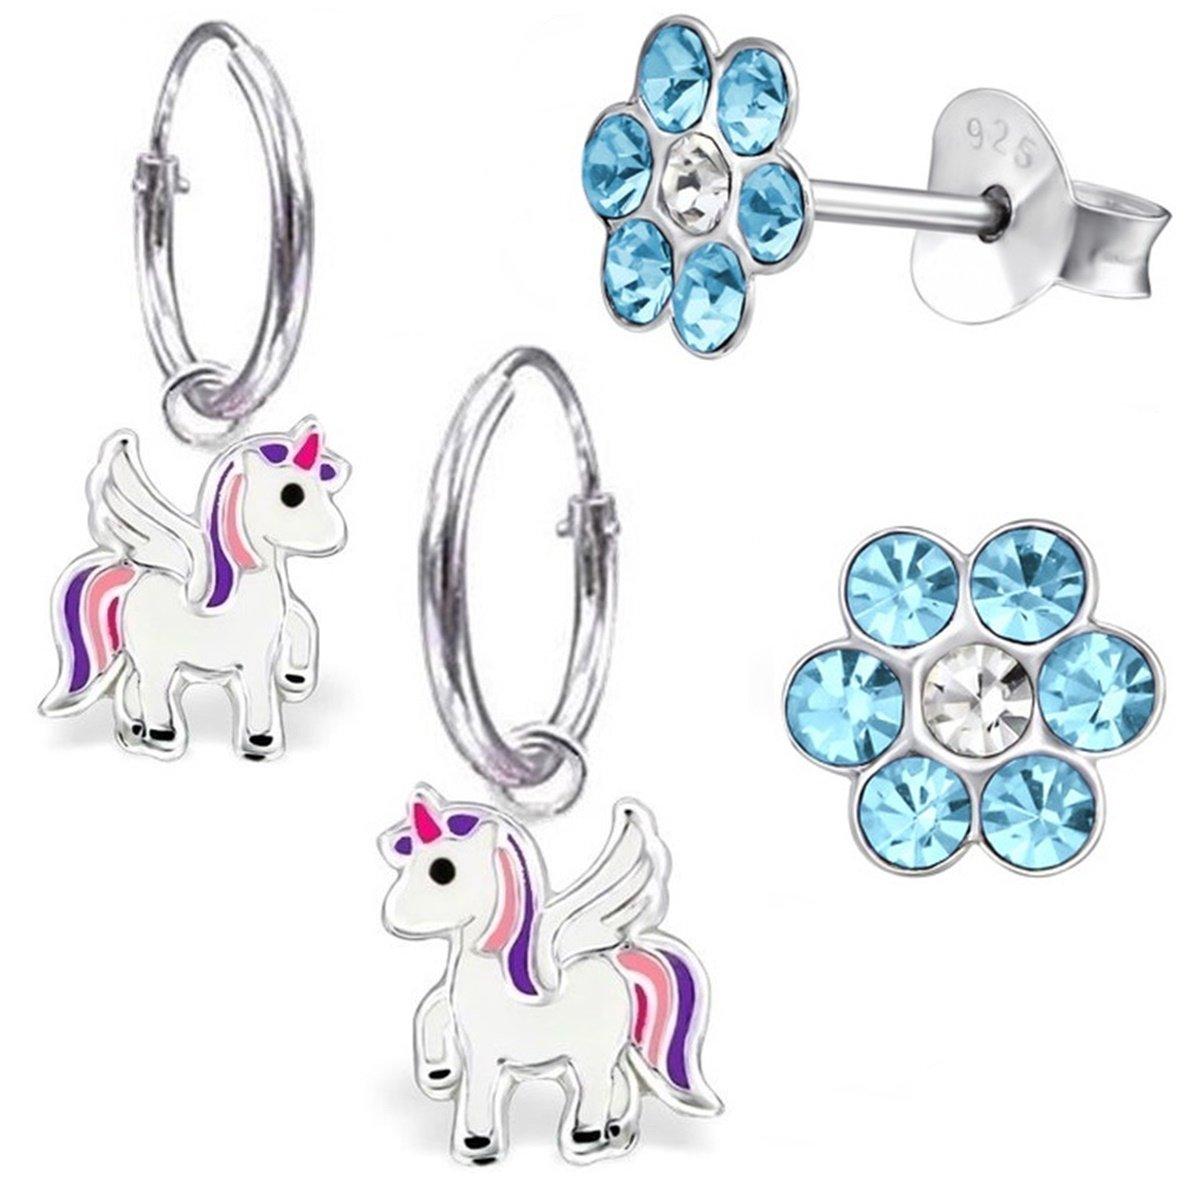 GH* KIDS 2 PAAR Kleine Einhorn Creolen + Kristall Blume 925 Echt Silber Mädchen Baby Kinder Ohrringe Ohrhänger Pferde Pegasus GH-1a AM9882N5